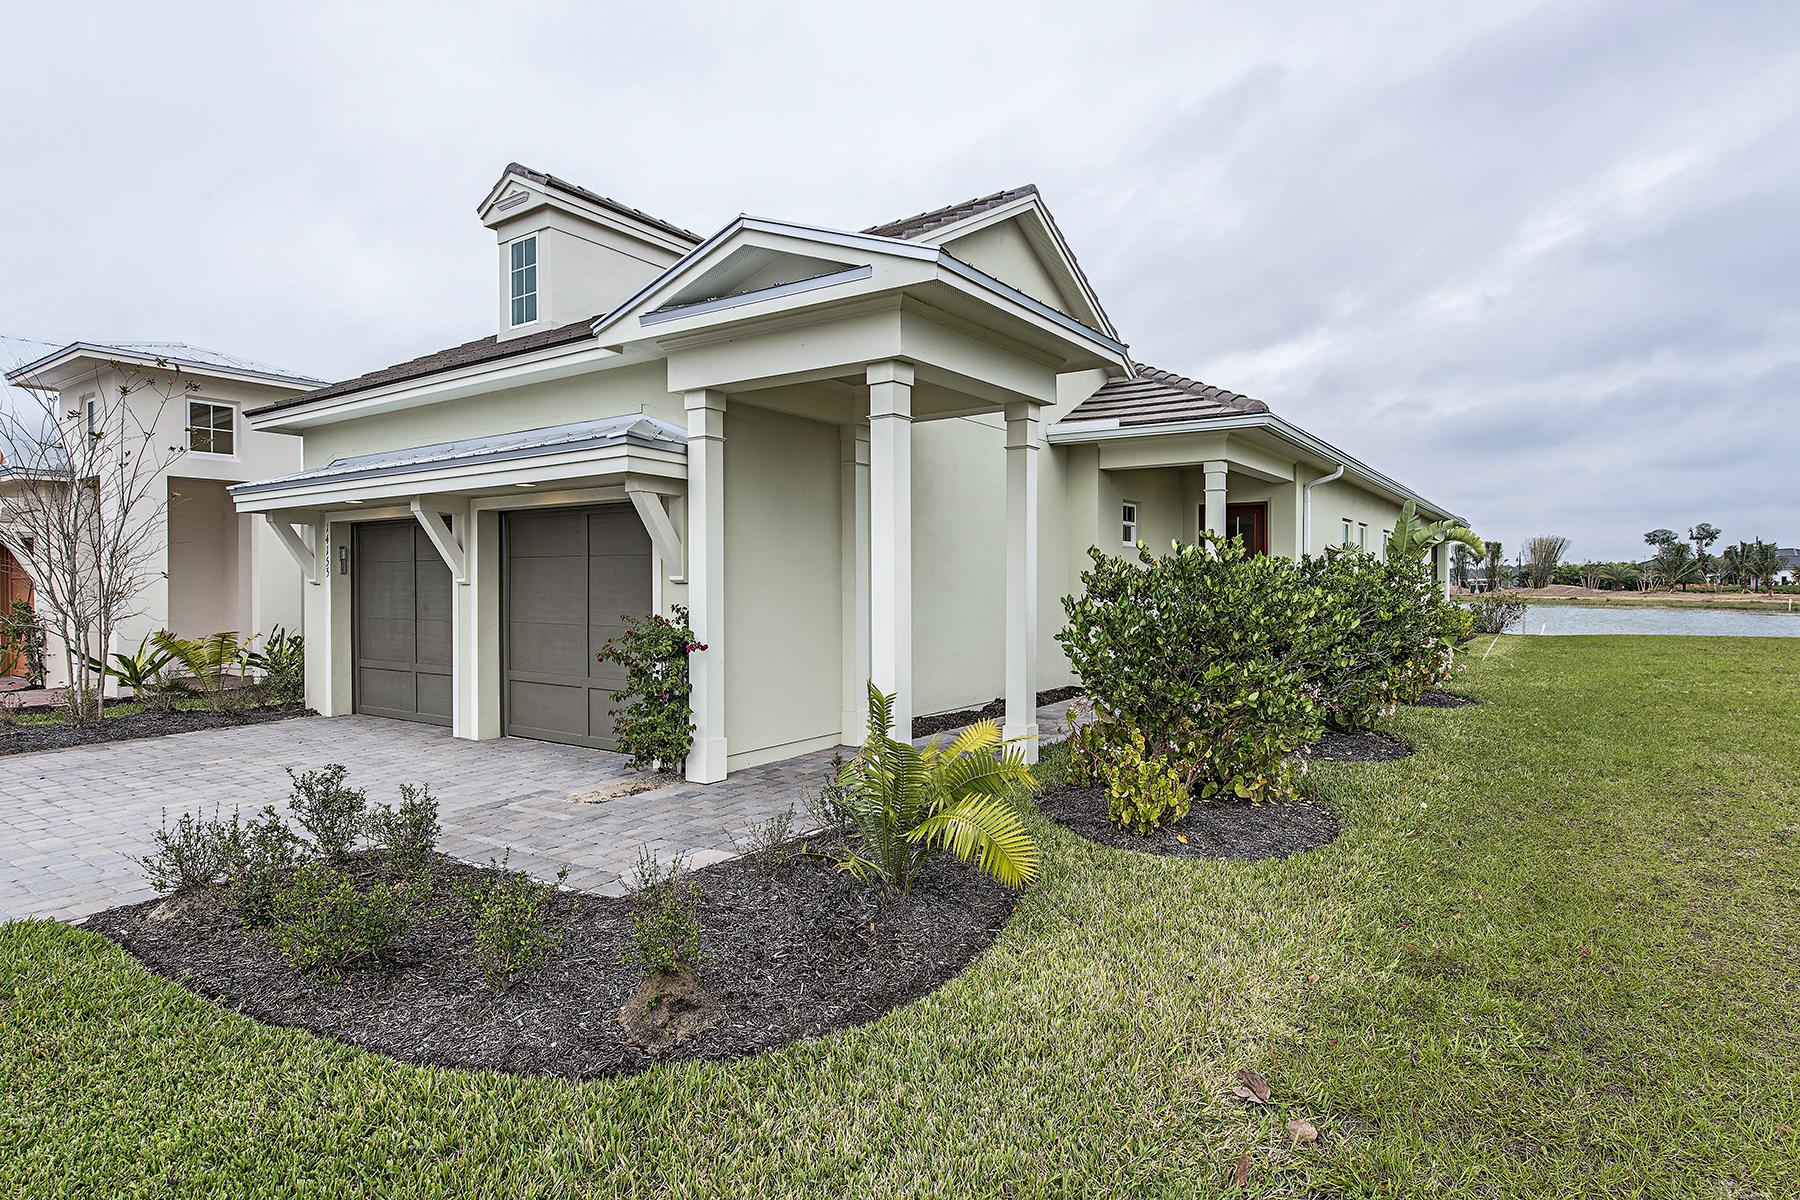 獨棟家庭住宅 為 出售 在 NAPLES RESERVE - SAVANNAH LAKES 14155 Nautica Ct Naples, 佛羅里達州, 34114 美國